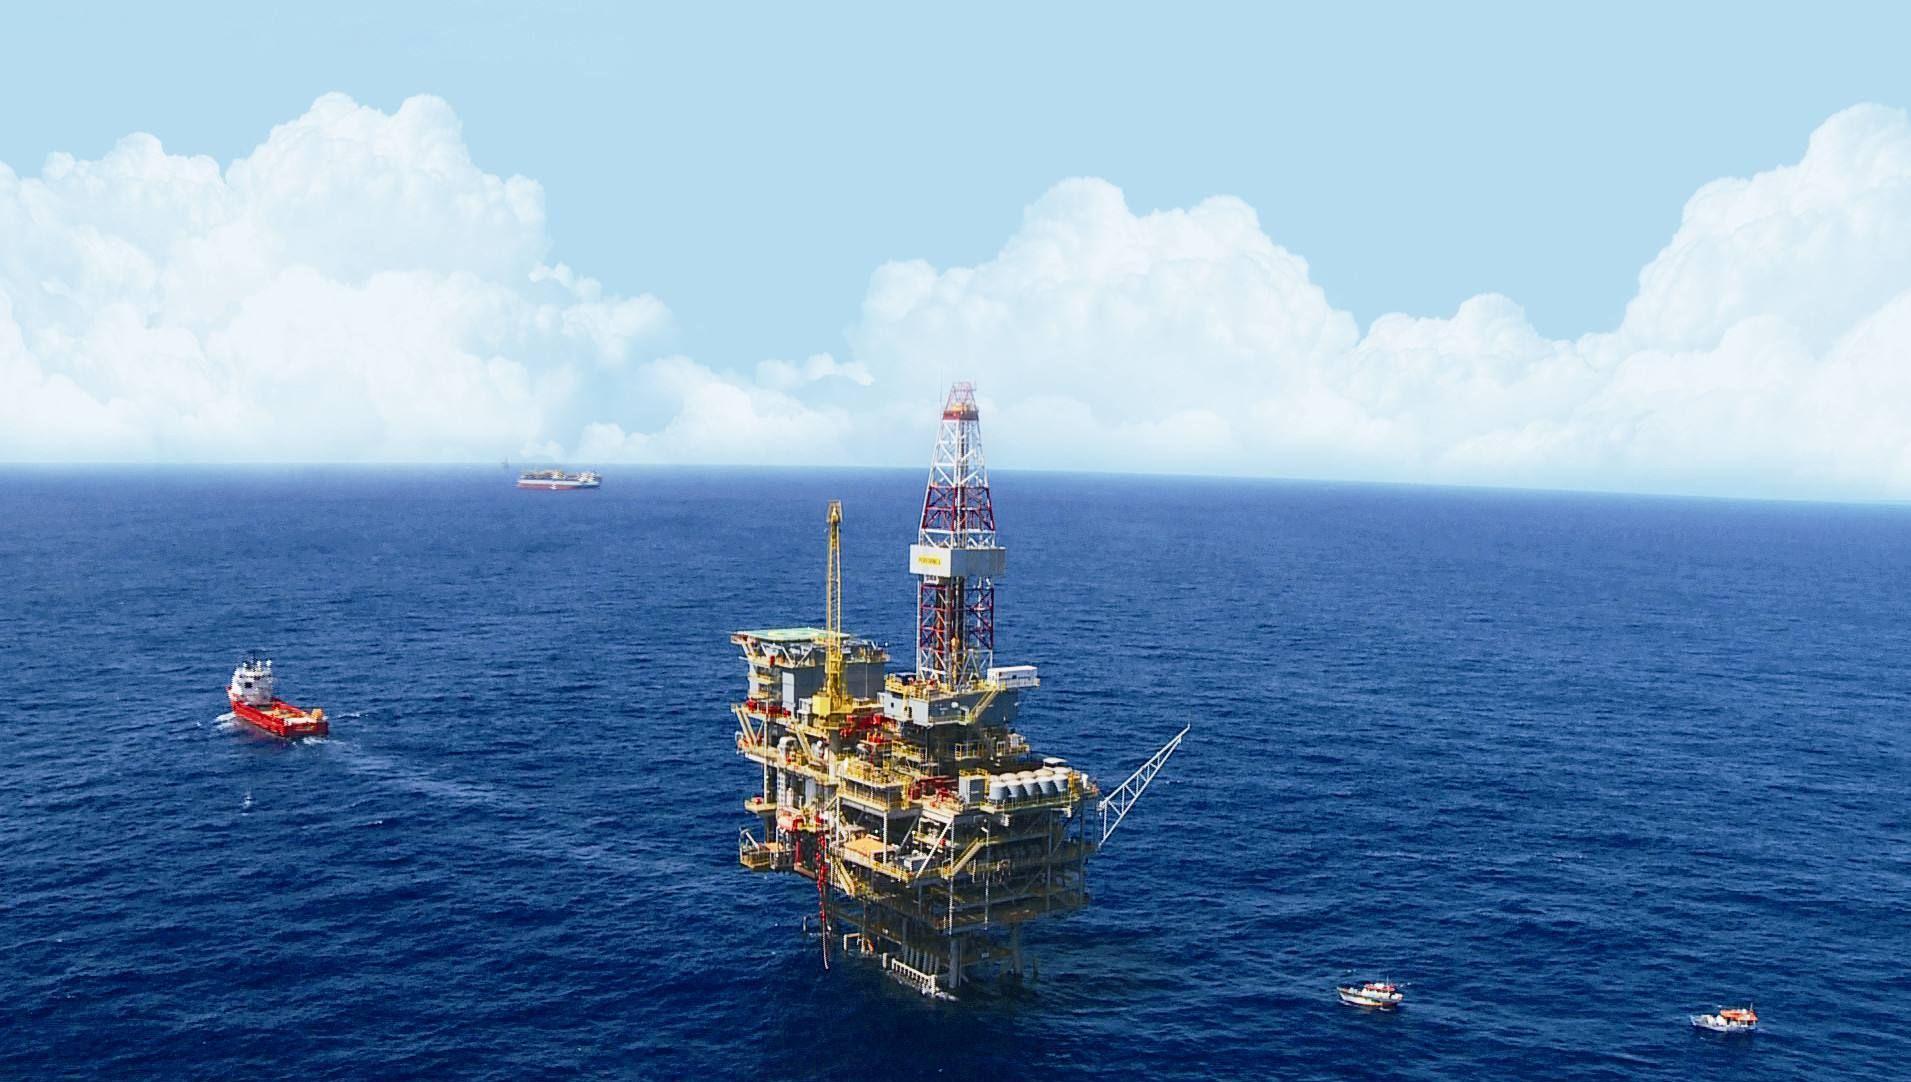 双商机来了!中国84艘巨型油轮直扑中东,美国到时只能高价借租